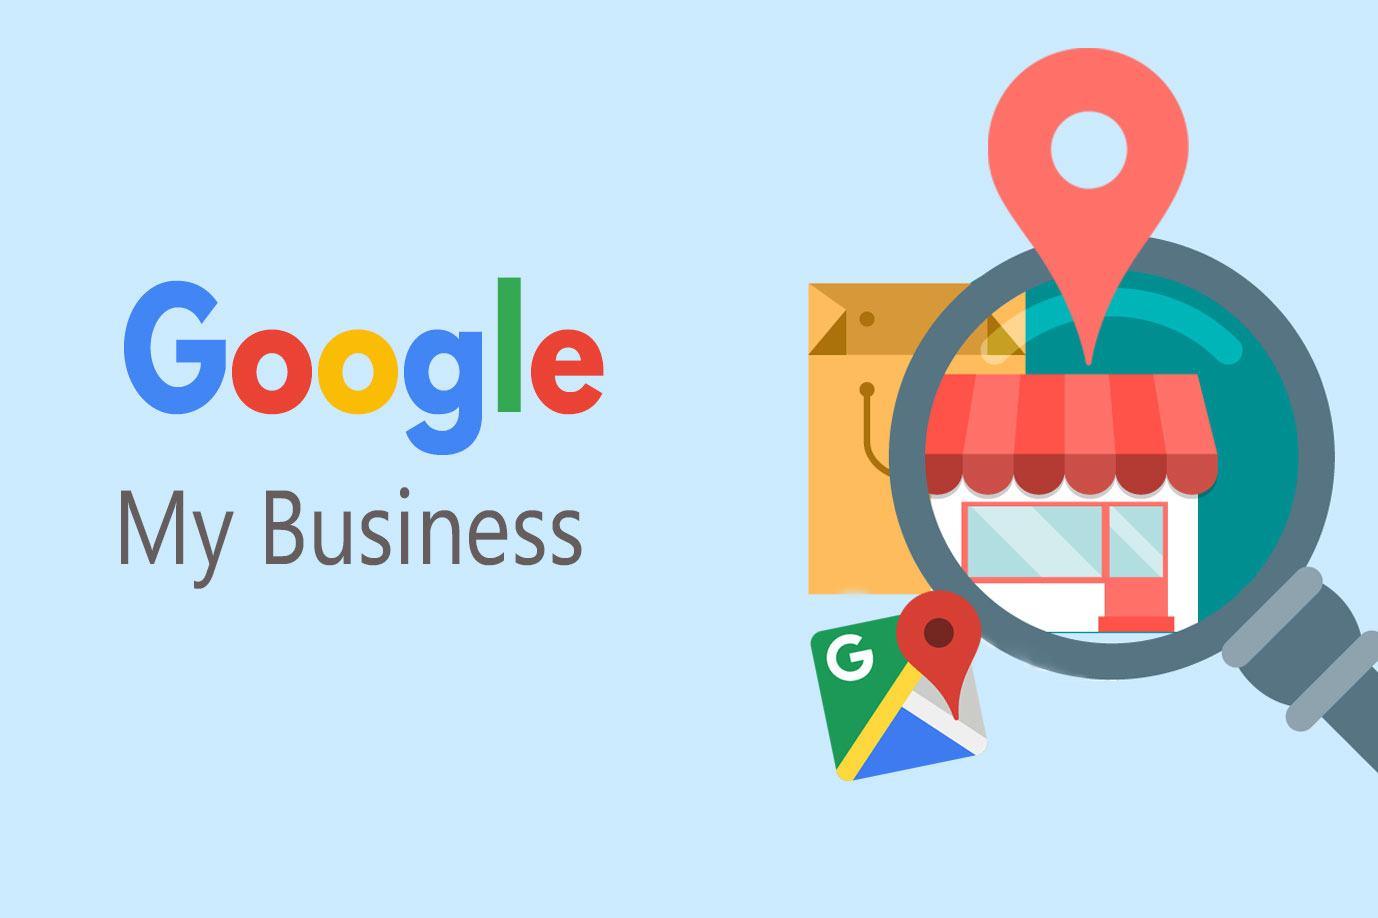 Google Business là gì? Thu hút khách hàng nhanh chóng?